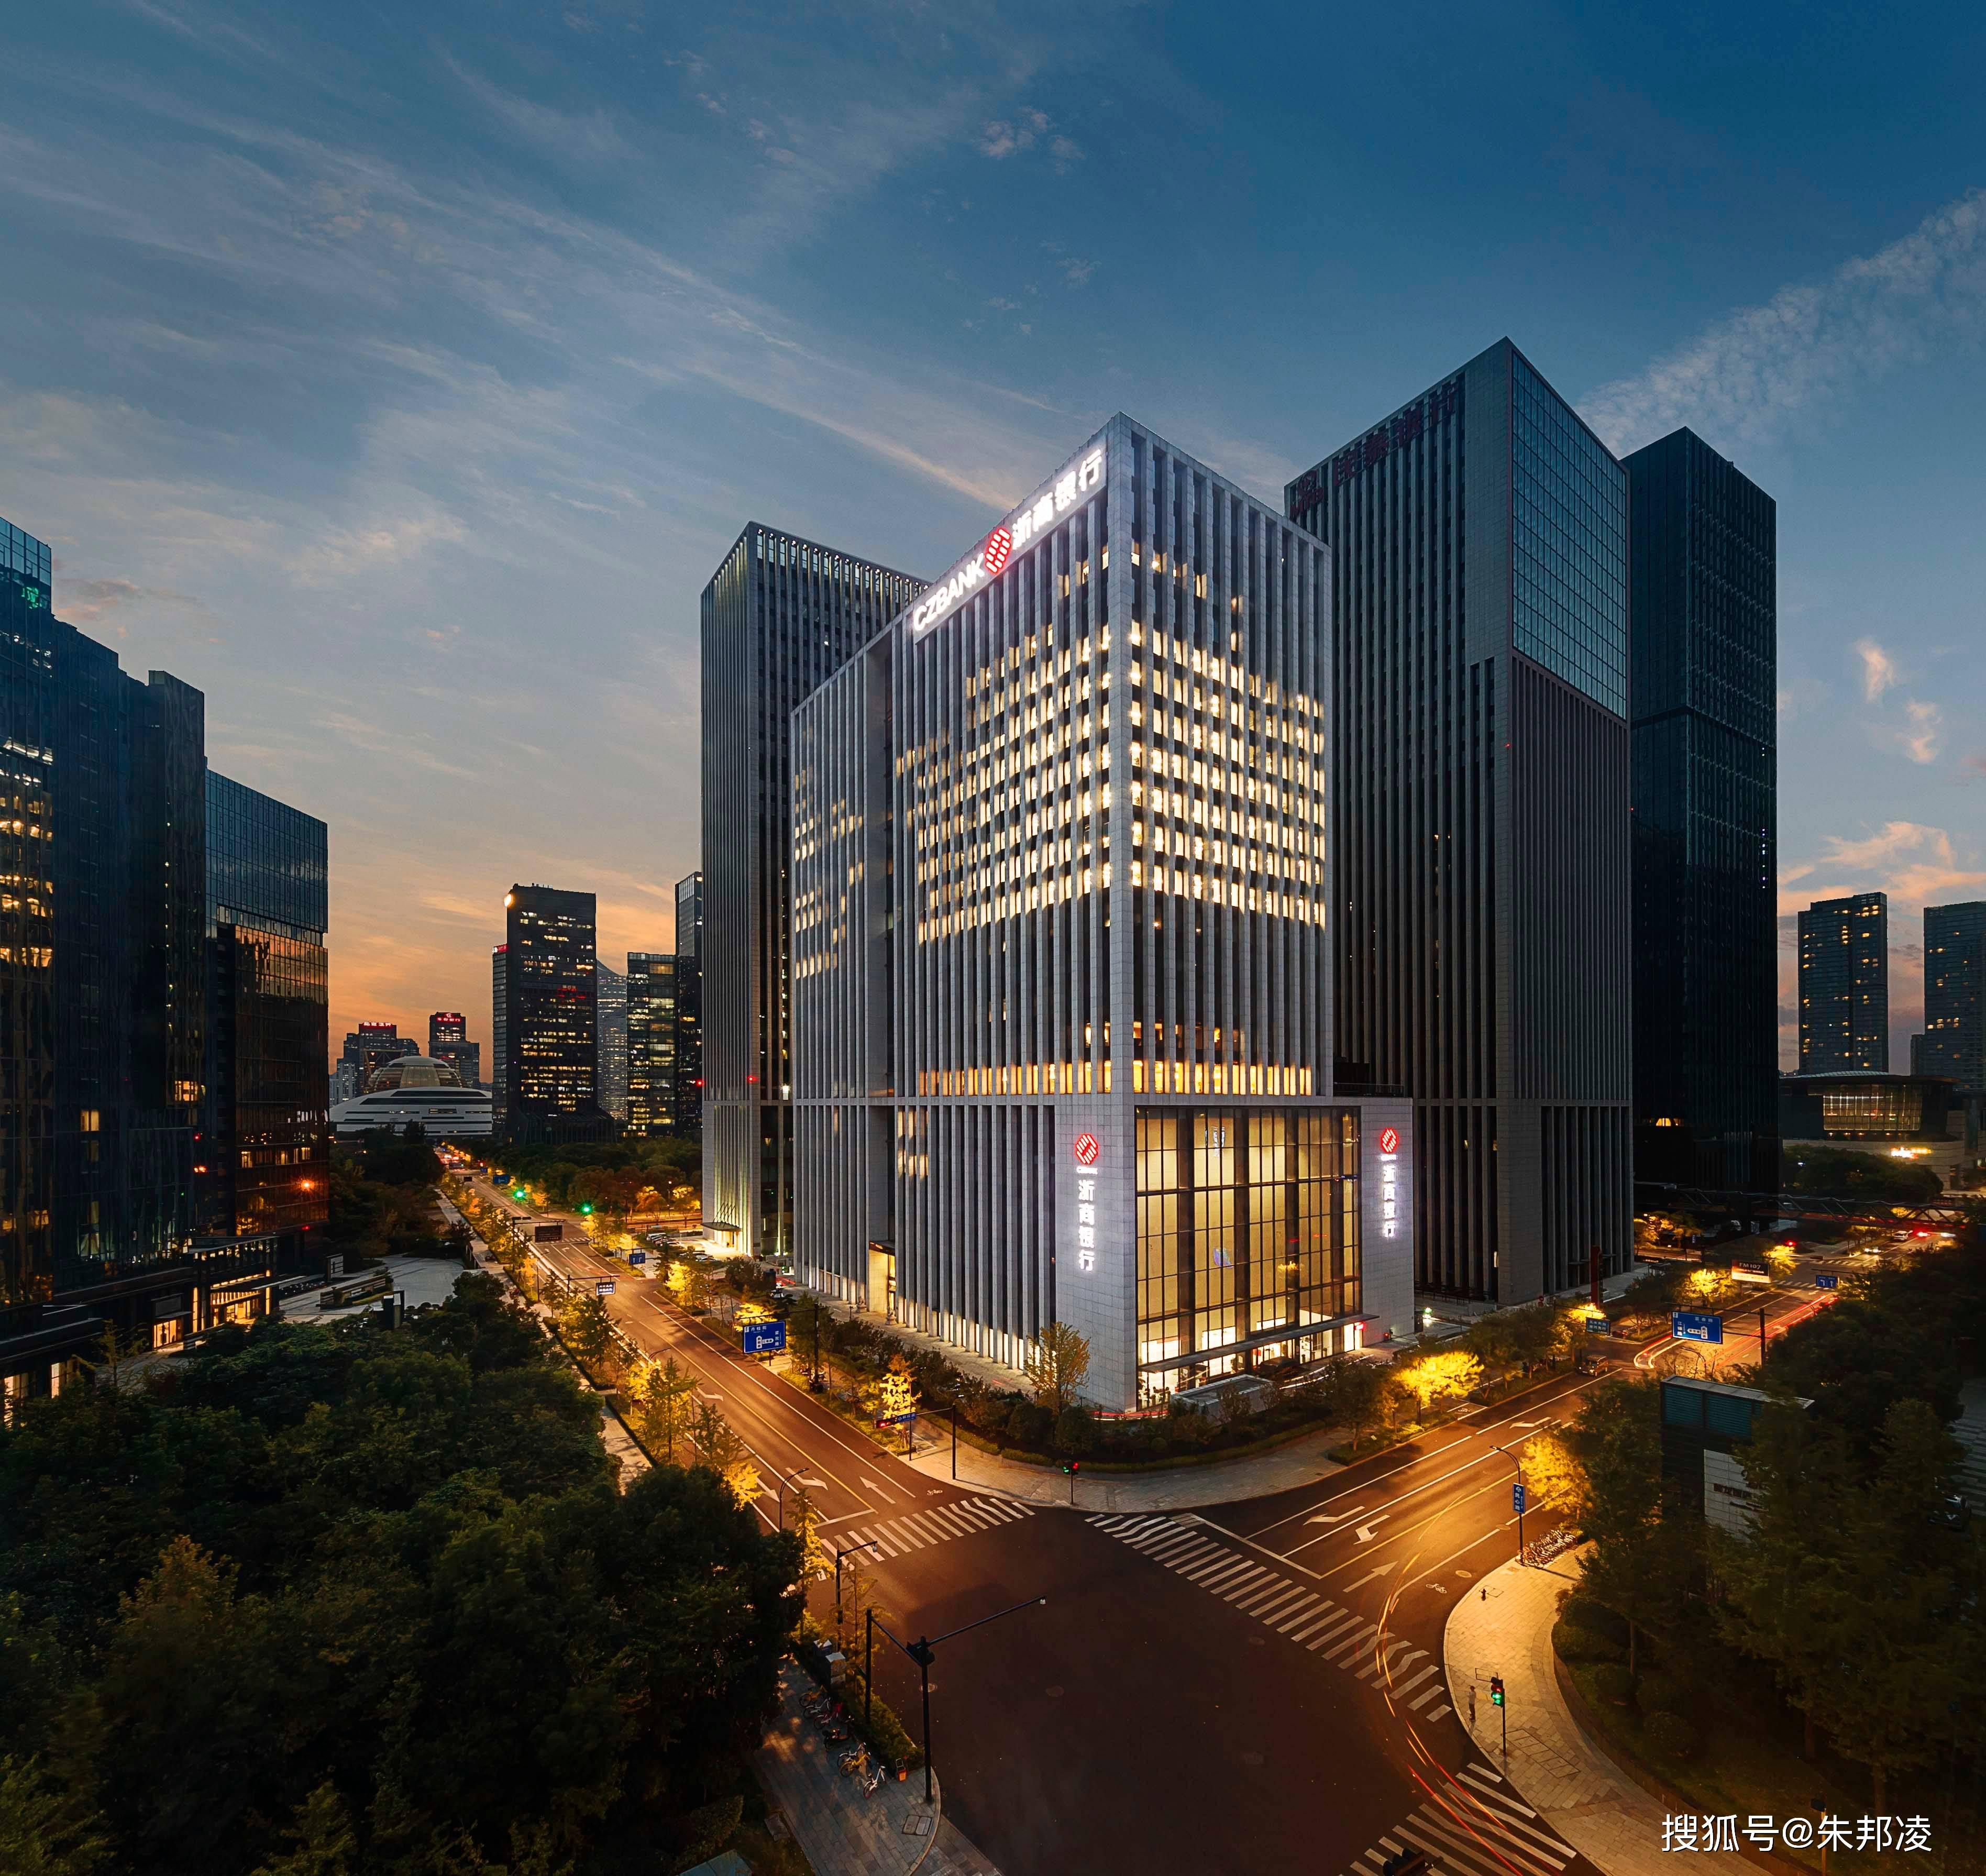 原创 浙商银行4.5倍市盈率、6.2%股息率意味着什么?巴菲特早说了